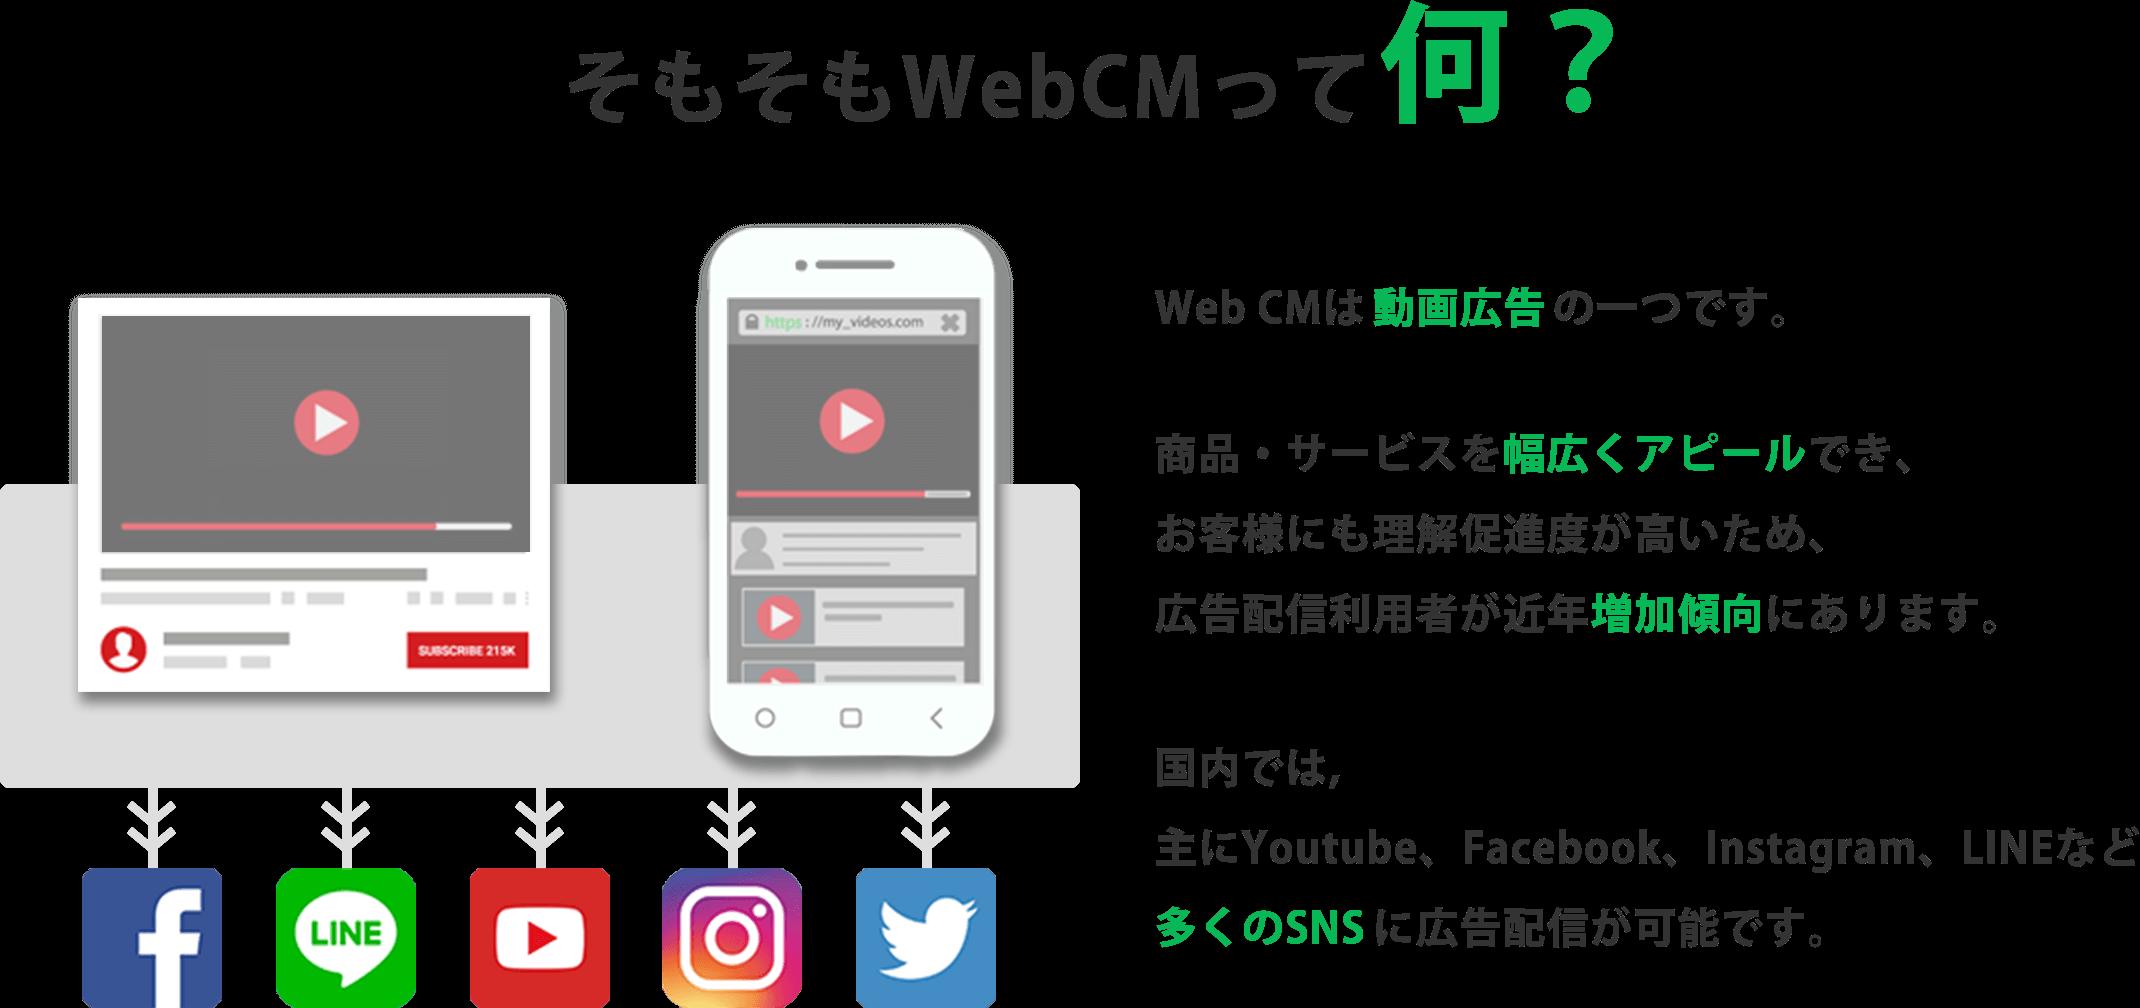 そもそもWebCMって何?